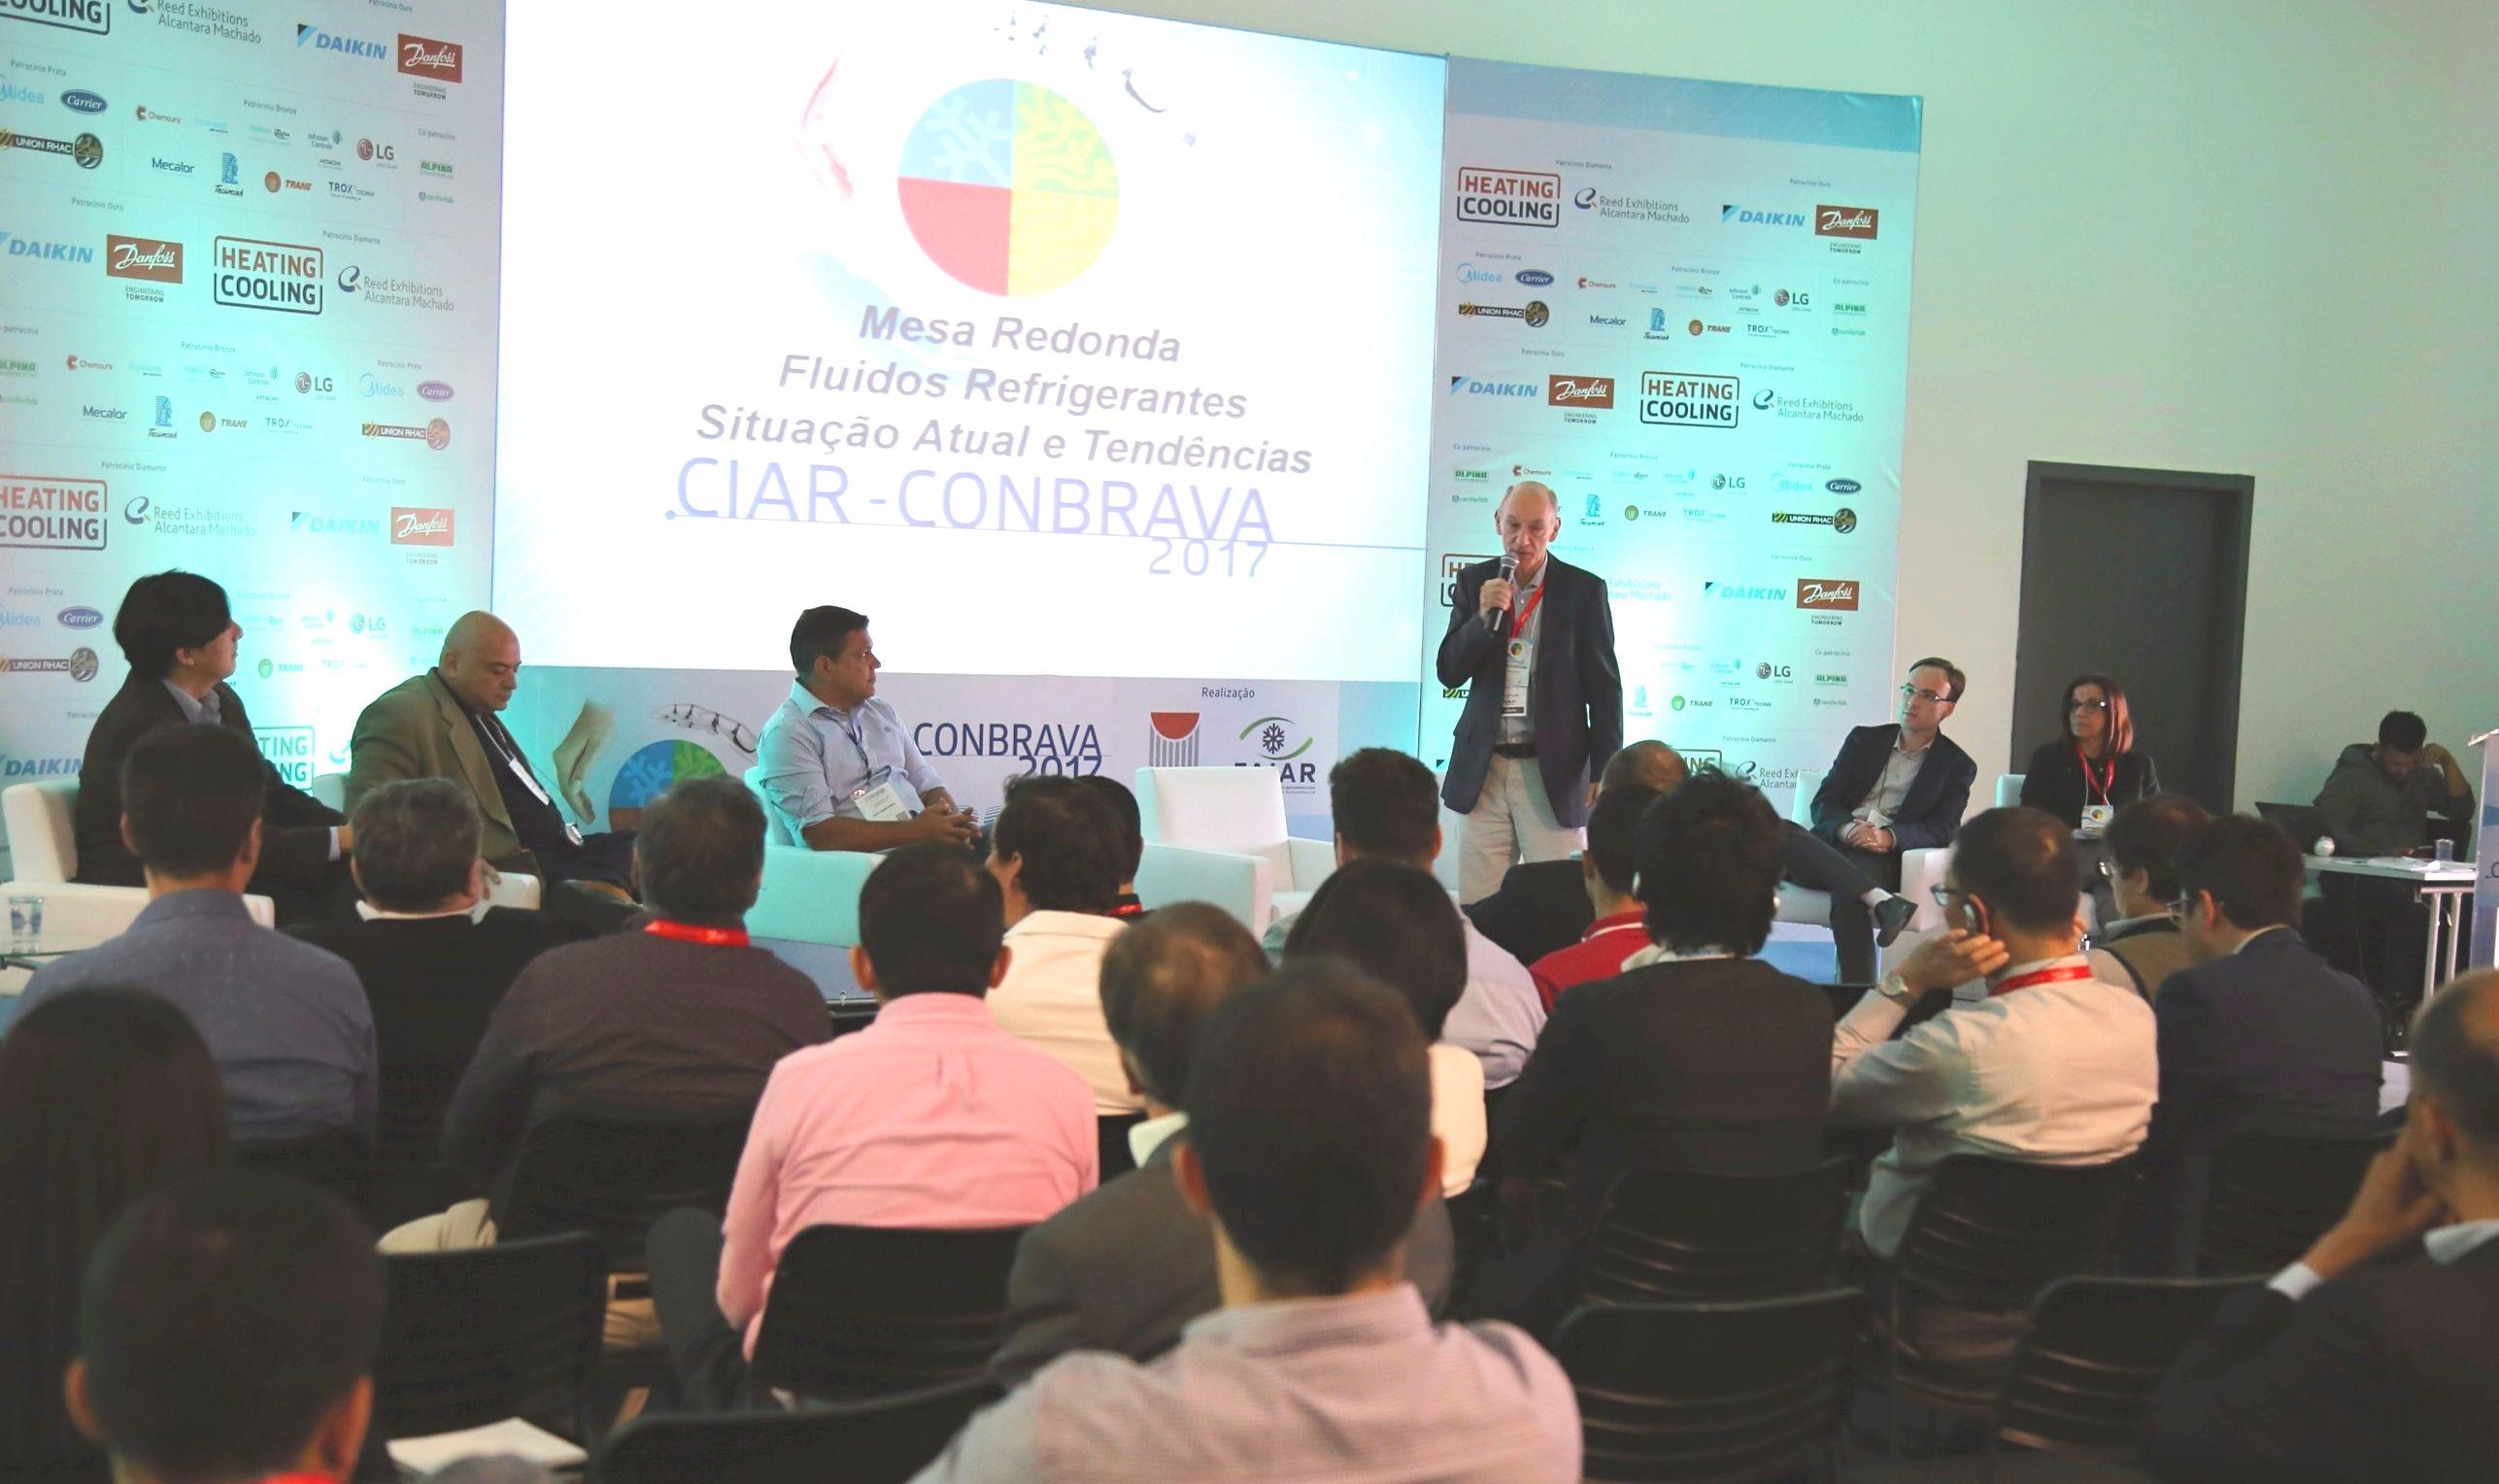 Congresso debate substâncias ambientalmente adequadas para o setor de refrigeração